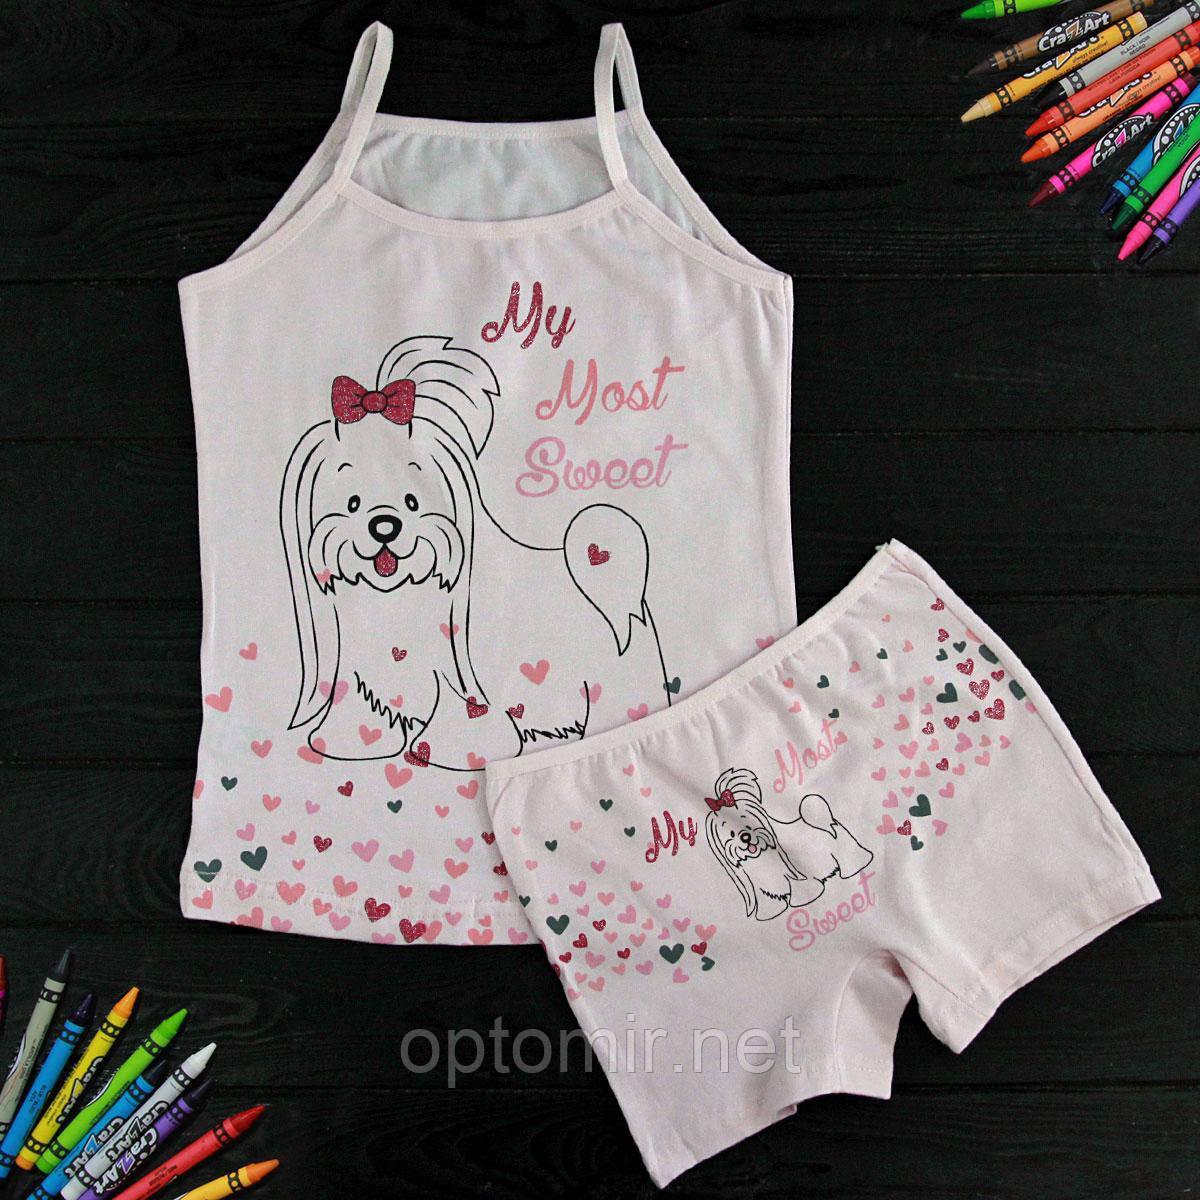 Комплект детский Donella с собачкой розовый для девочки на 4/5 лет(шортики) | 1шт.